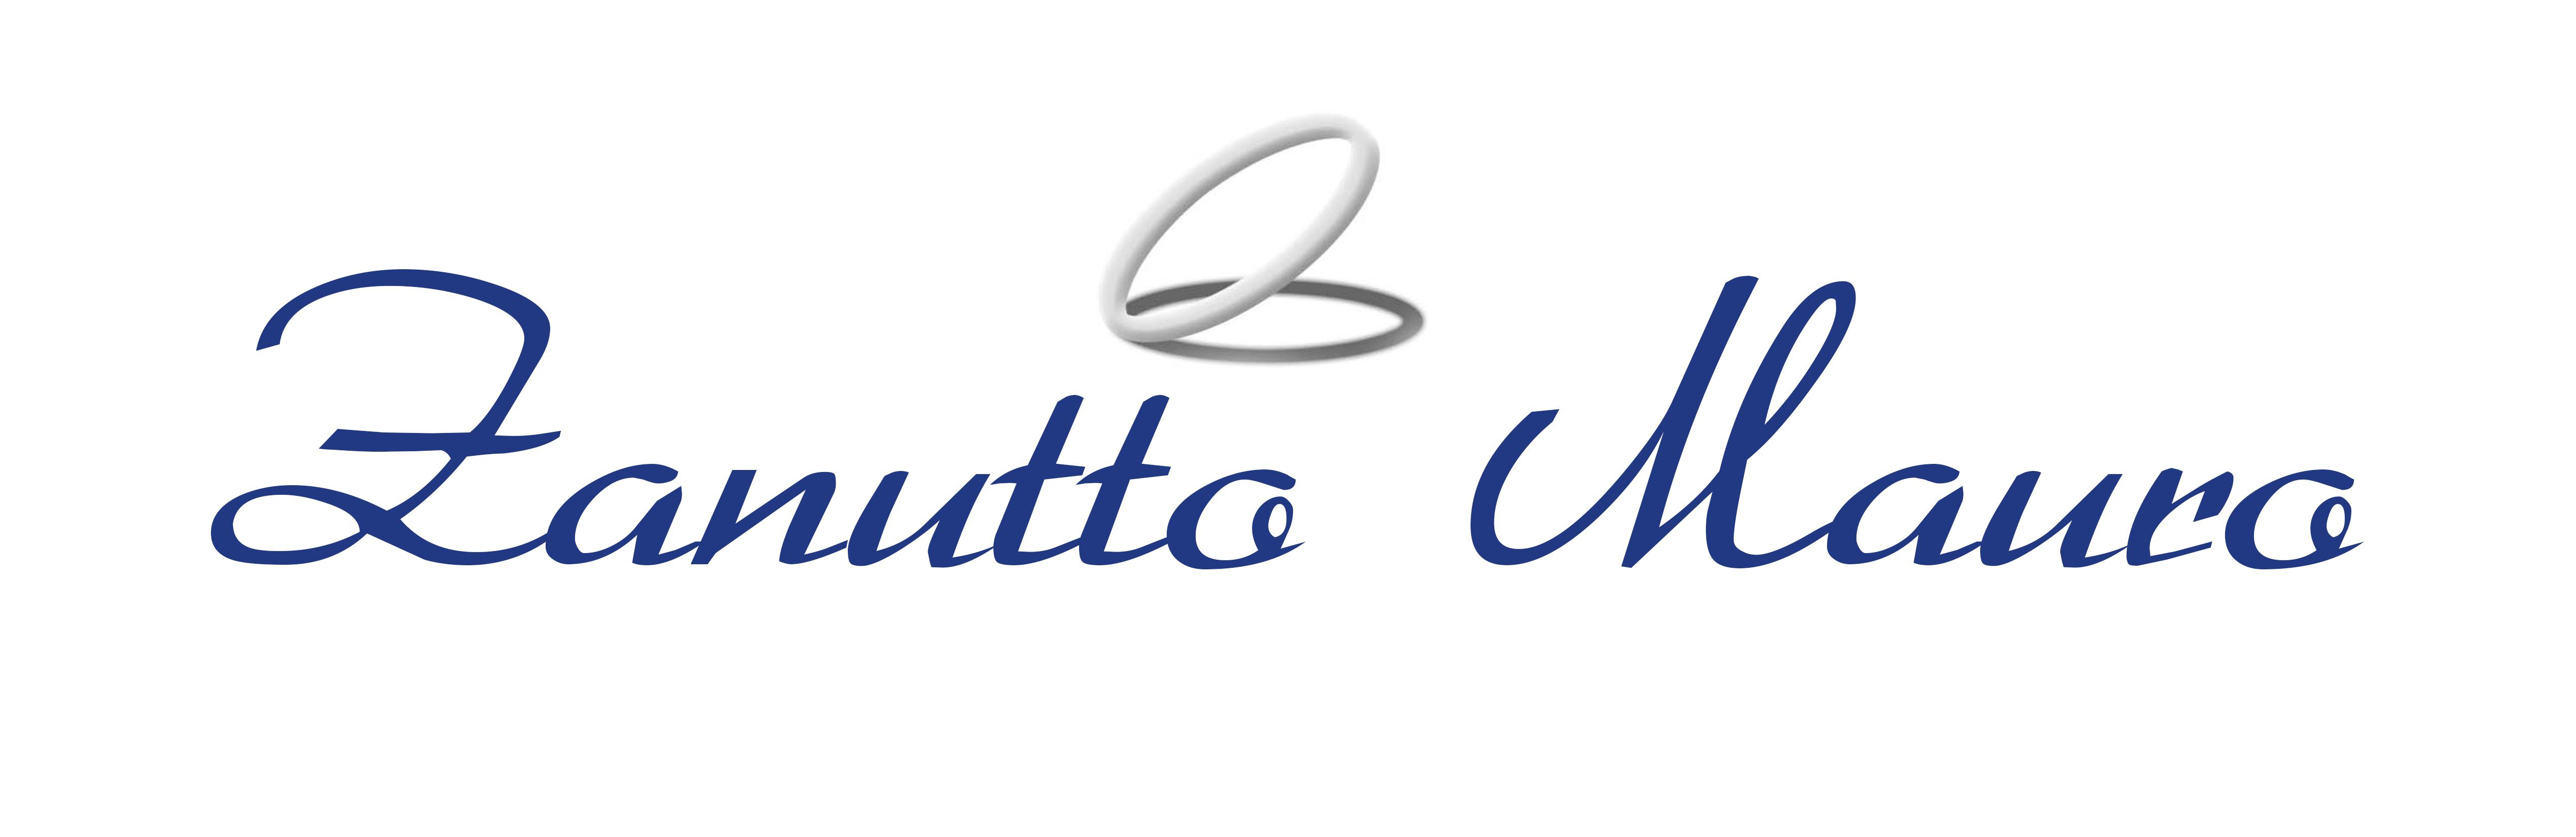 Zanutto.it